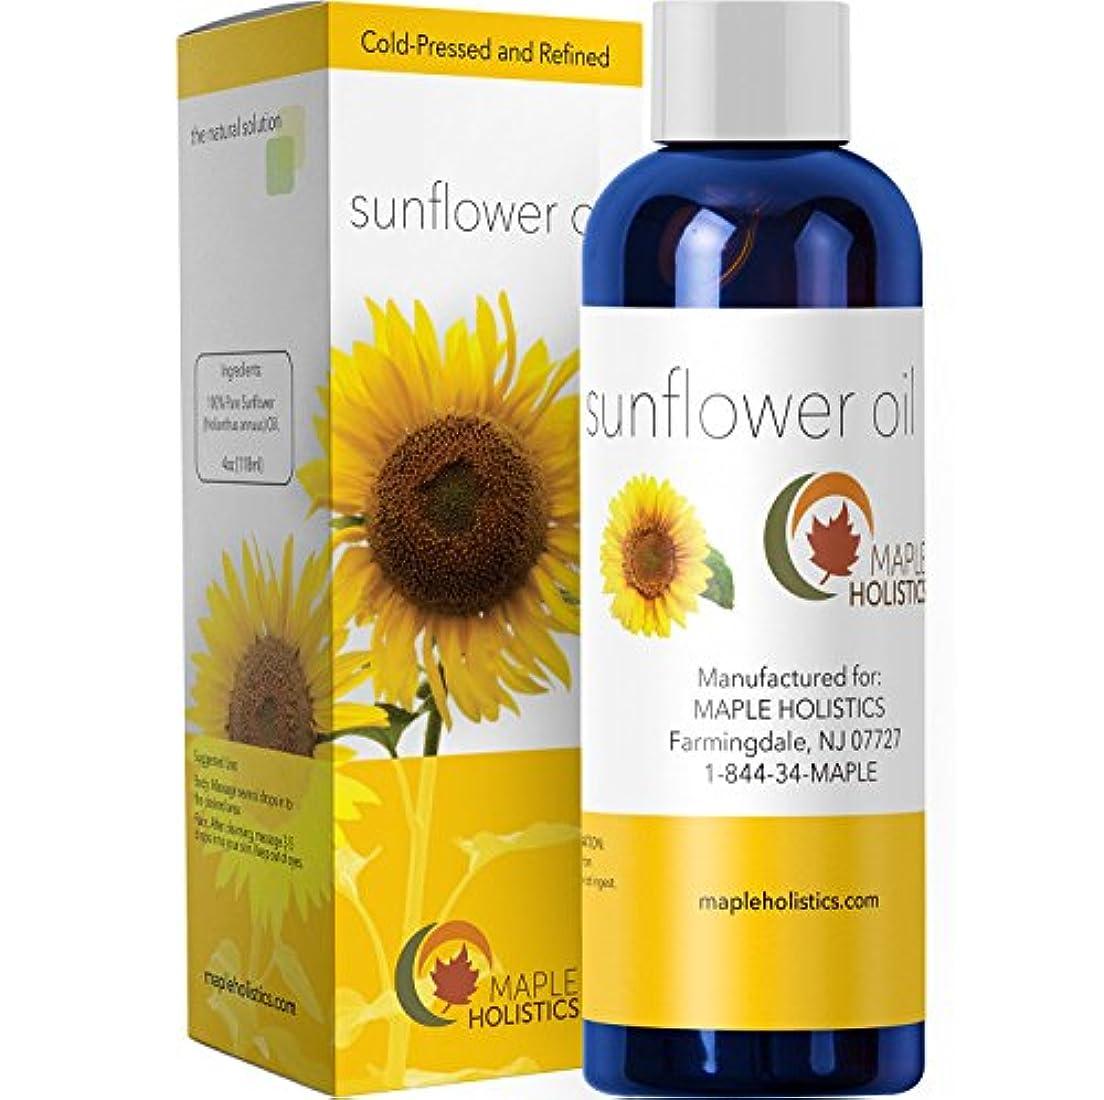 分析希望に満ちたタックPure Sunflower Seed Oil - Cold Pressed for Greatest Efficacy - Use on Hair, Skin & Body for Advanced Hydration...